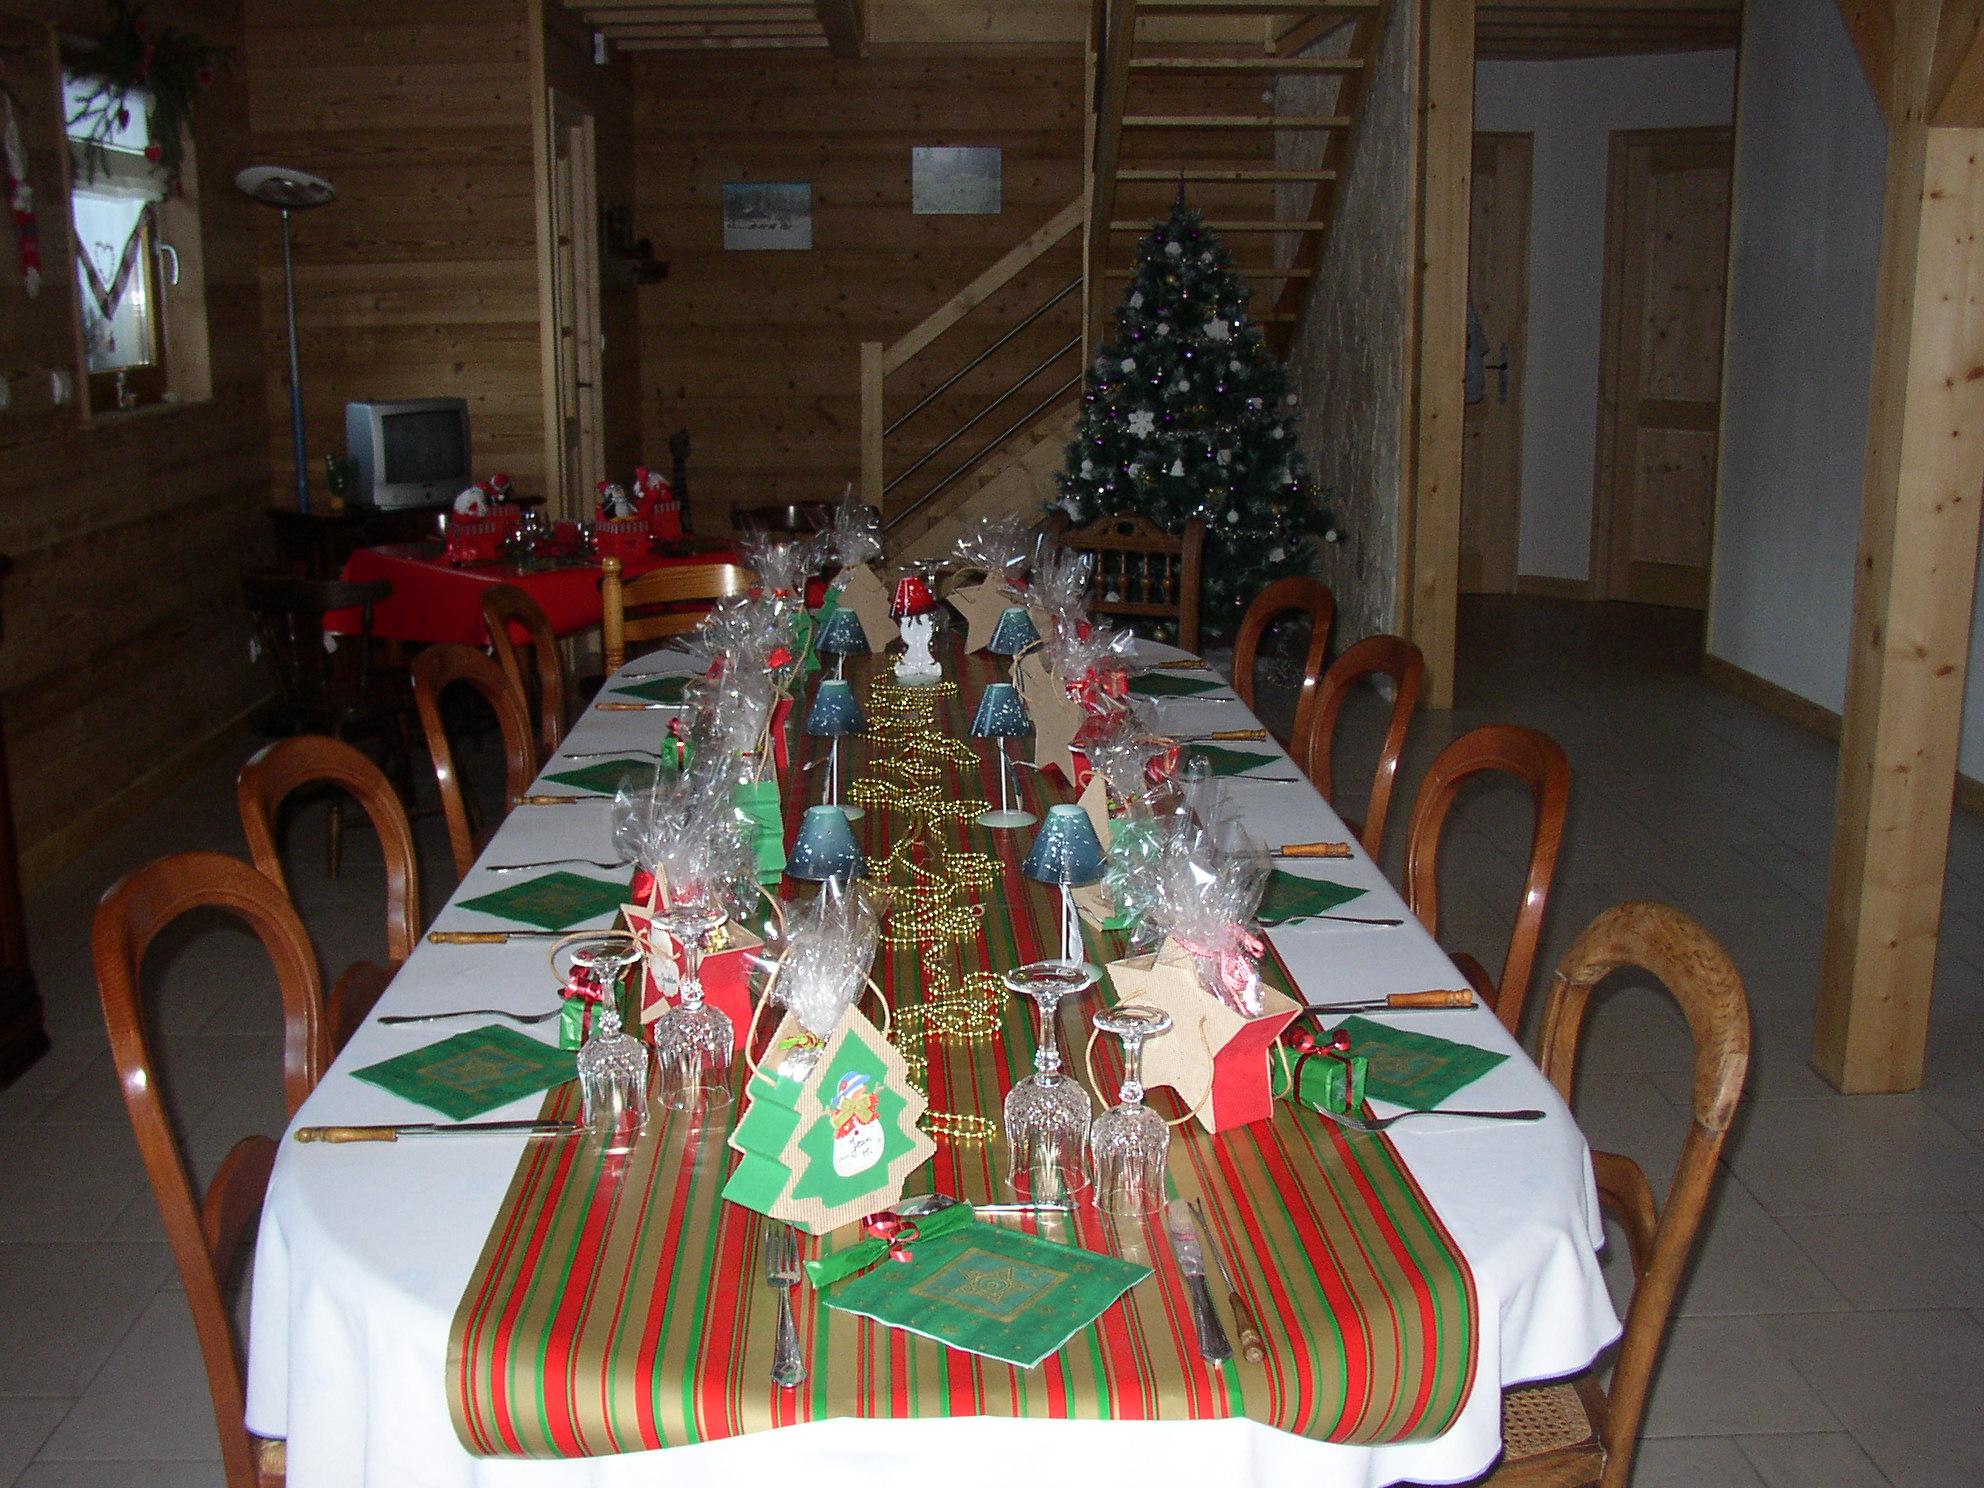 #A82325 Bricolage Pour Noël · Creation Brico Deco 7610 décoration de noel à fabriquer pour adultes 1984x1488 px @ aertt.com